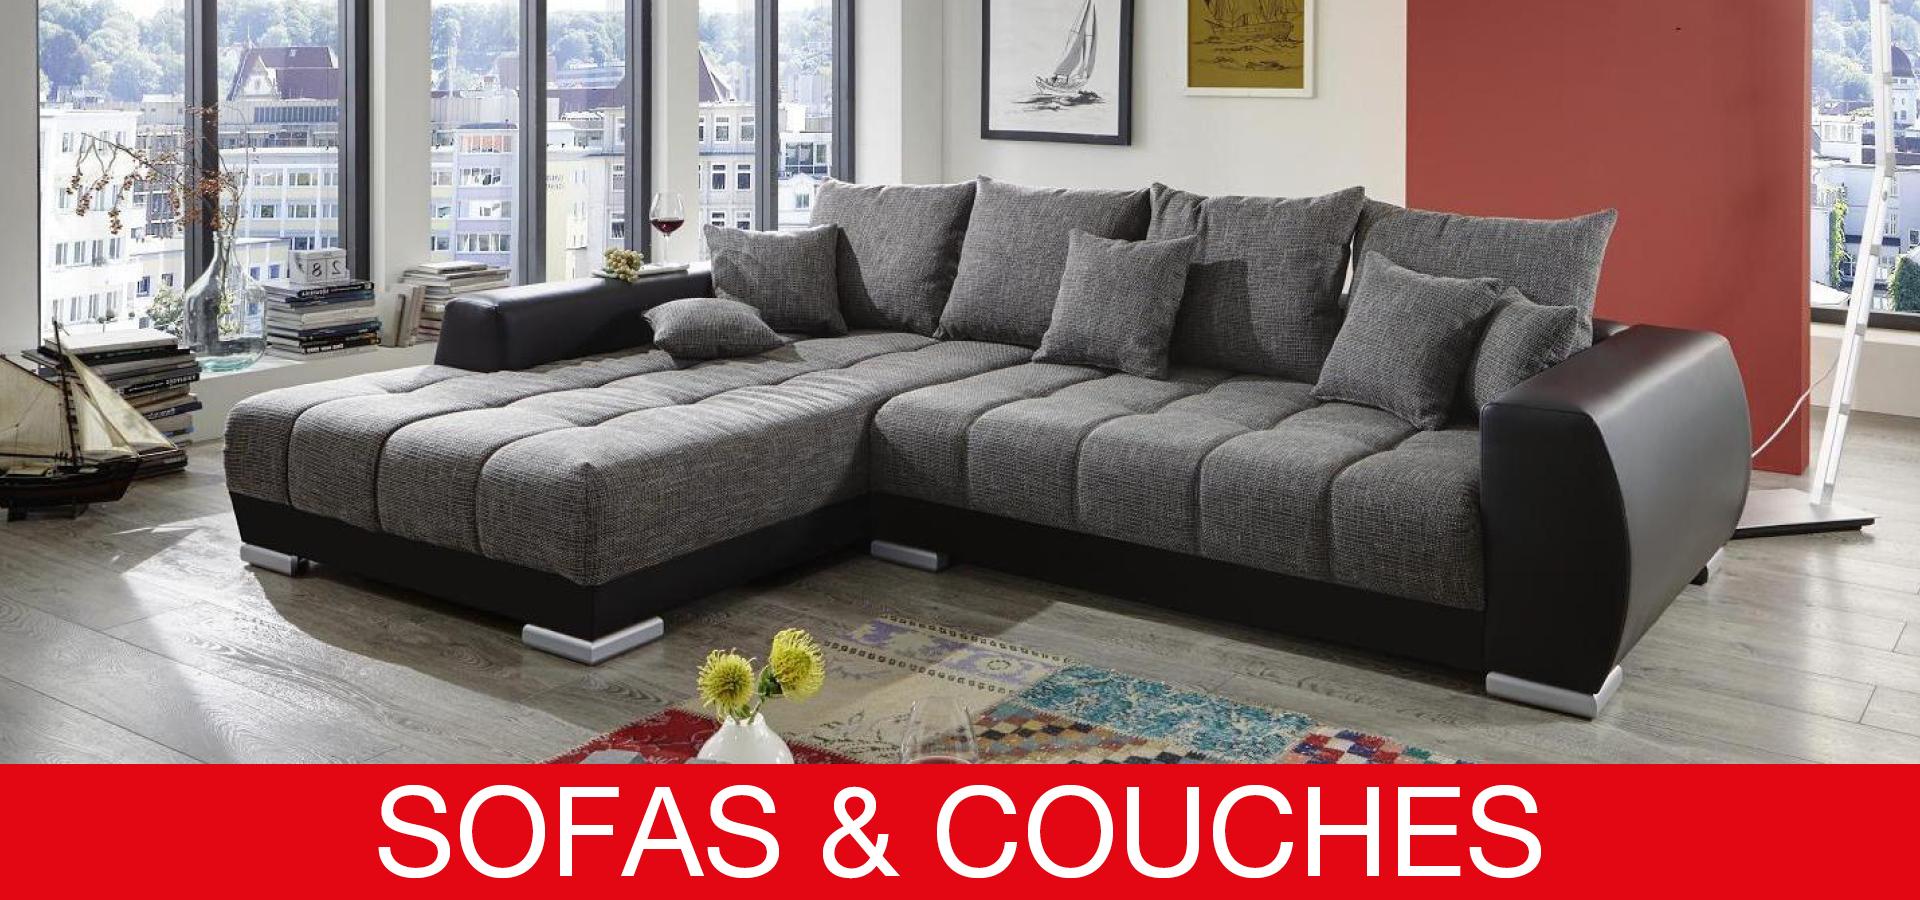 Full Size of Günstige Sofa Sofas Couches Mbelfundgrube I Schneller Und Gnstiger Luxus Stilecht Himolla Comfortmaster Xxxl Für Esszimmer 2er Grau Karup Stoff 3er Home Sofa Günstige Sofa